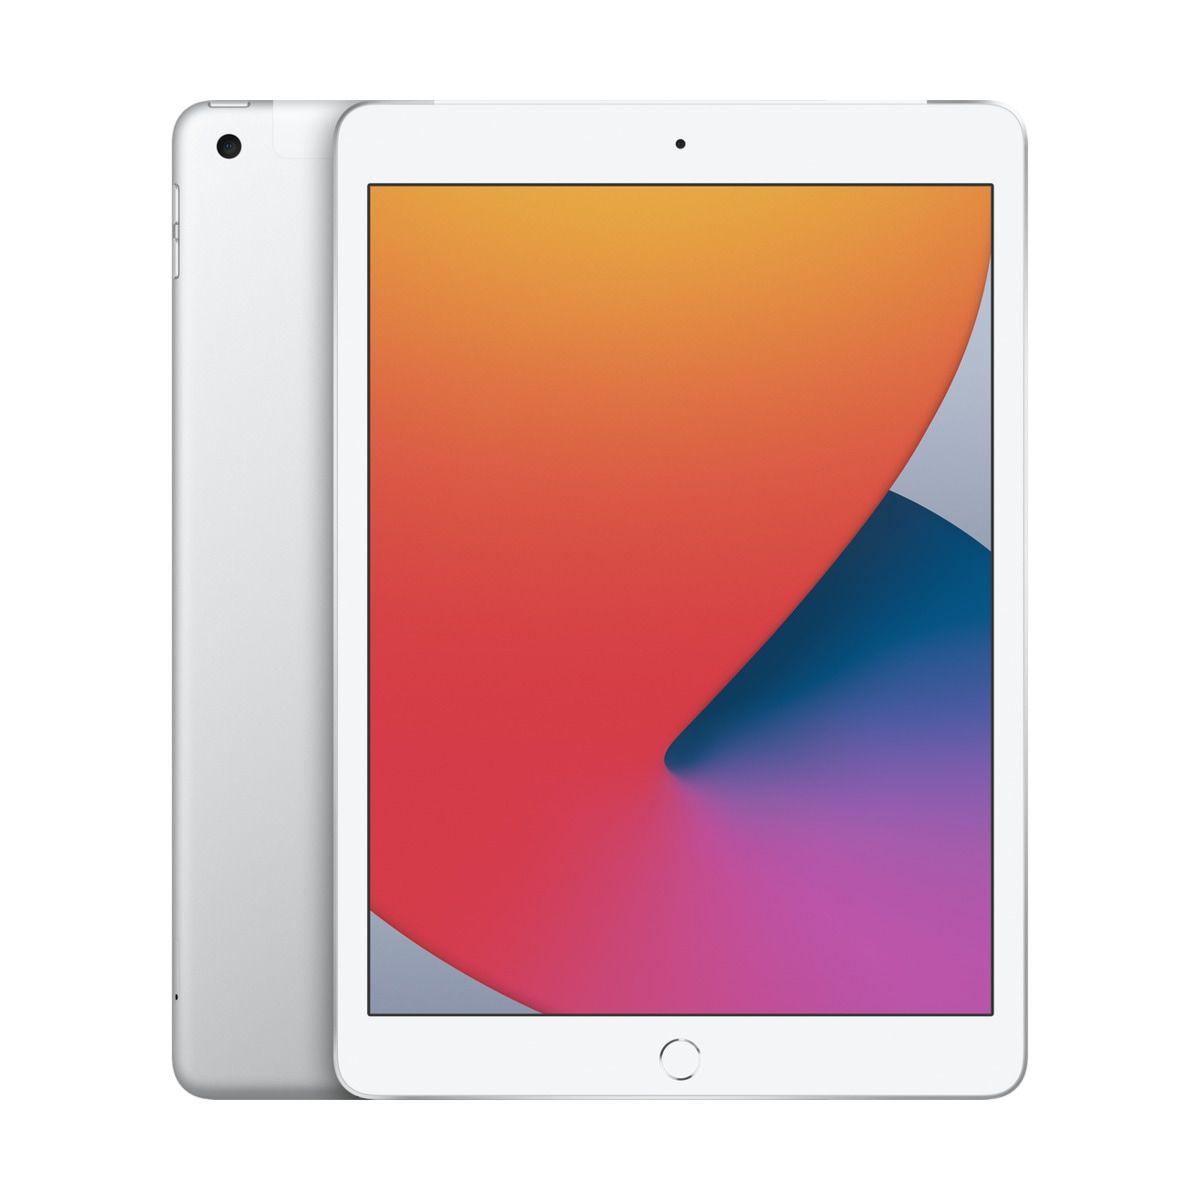 Apple iPad Wi-Fi+Cell 128GB - Silver